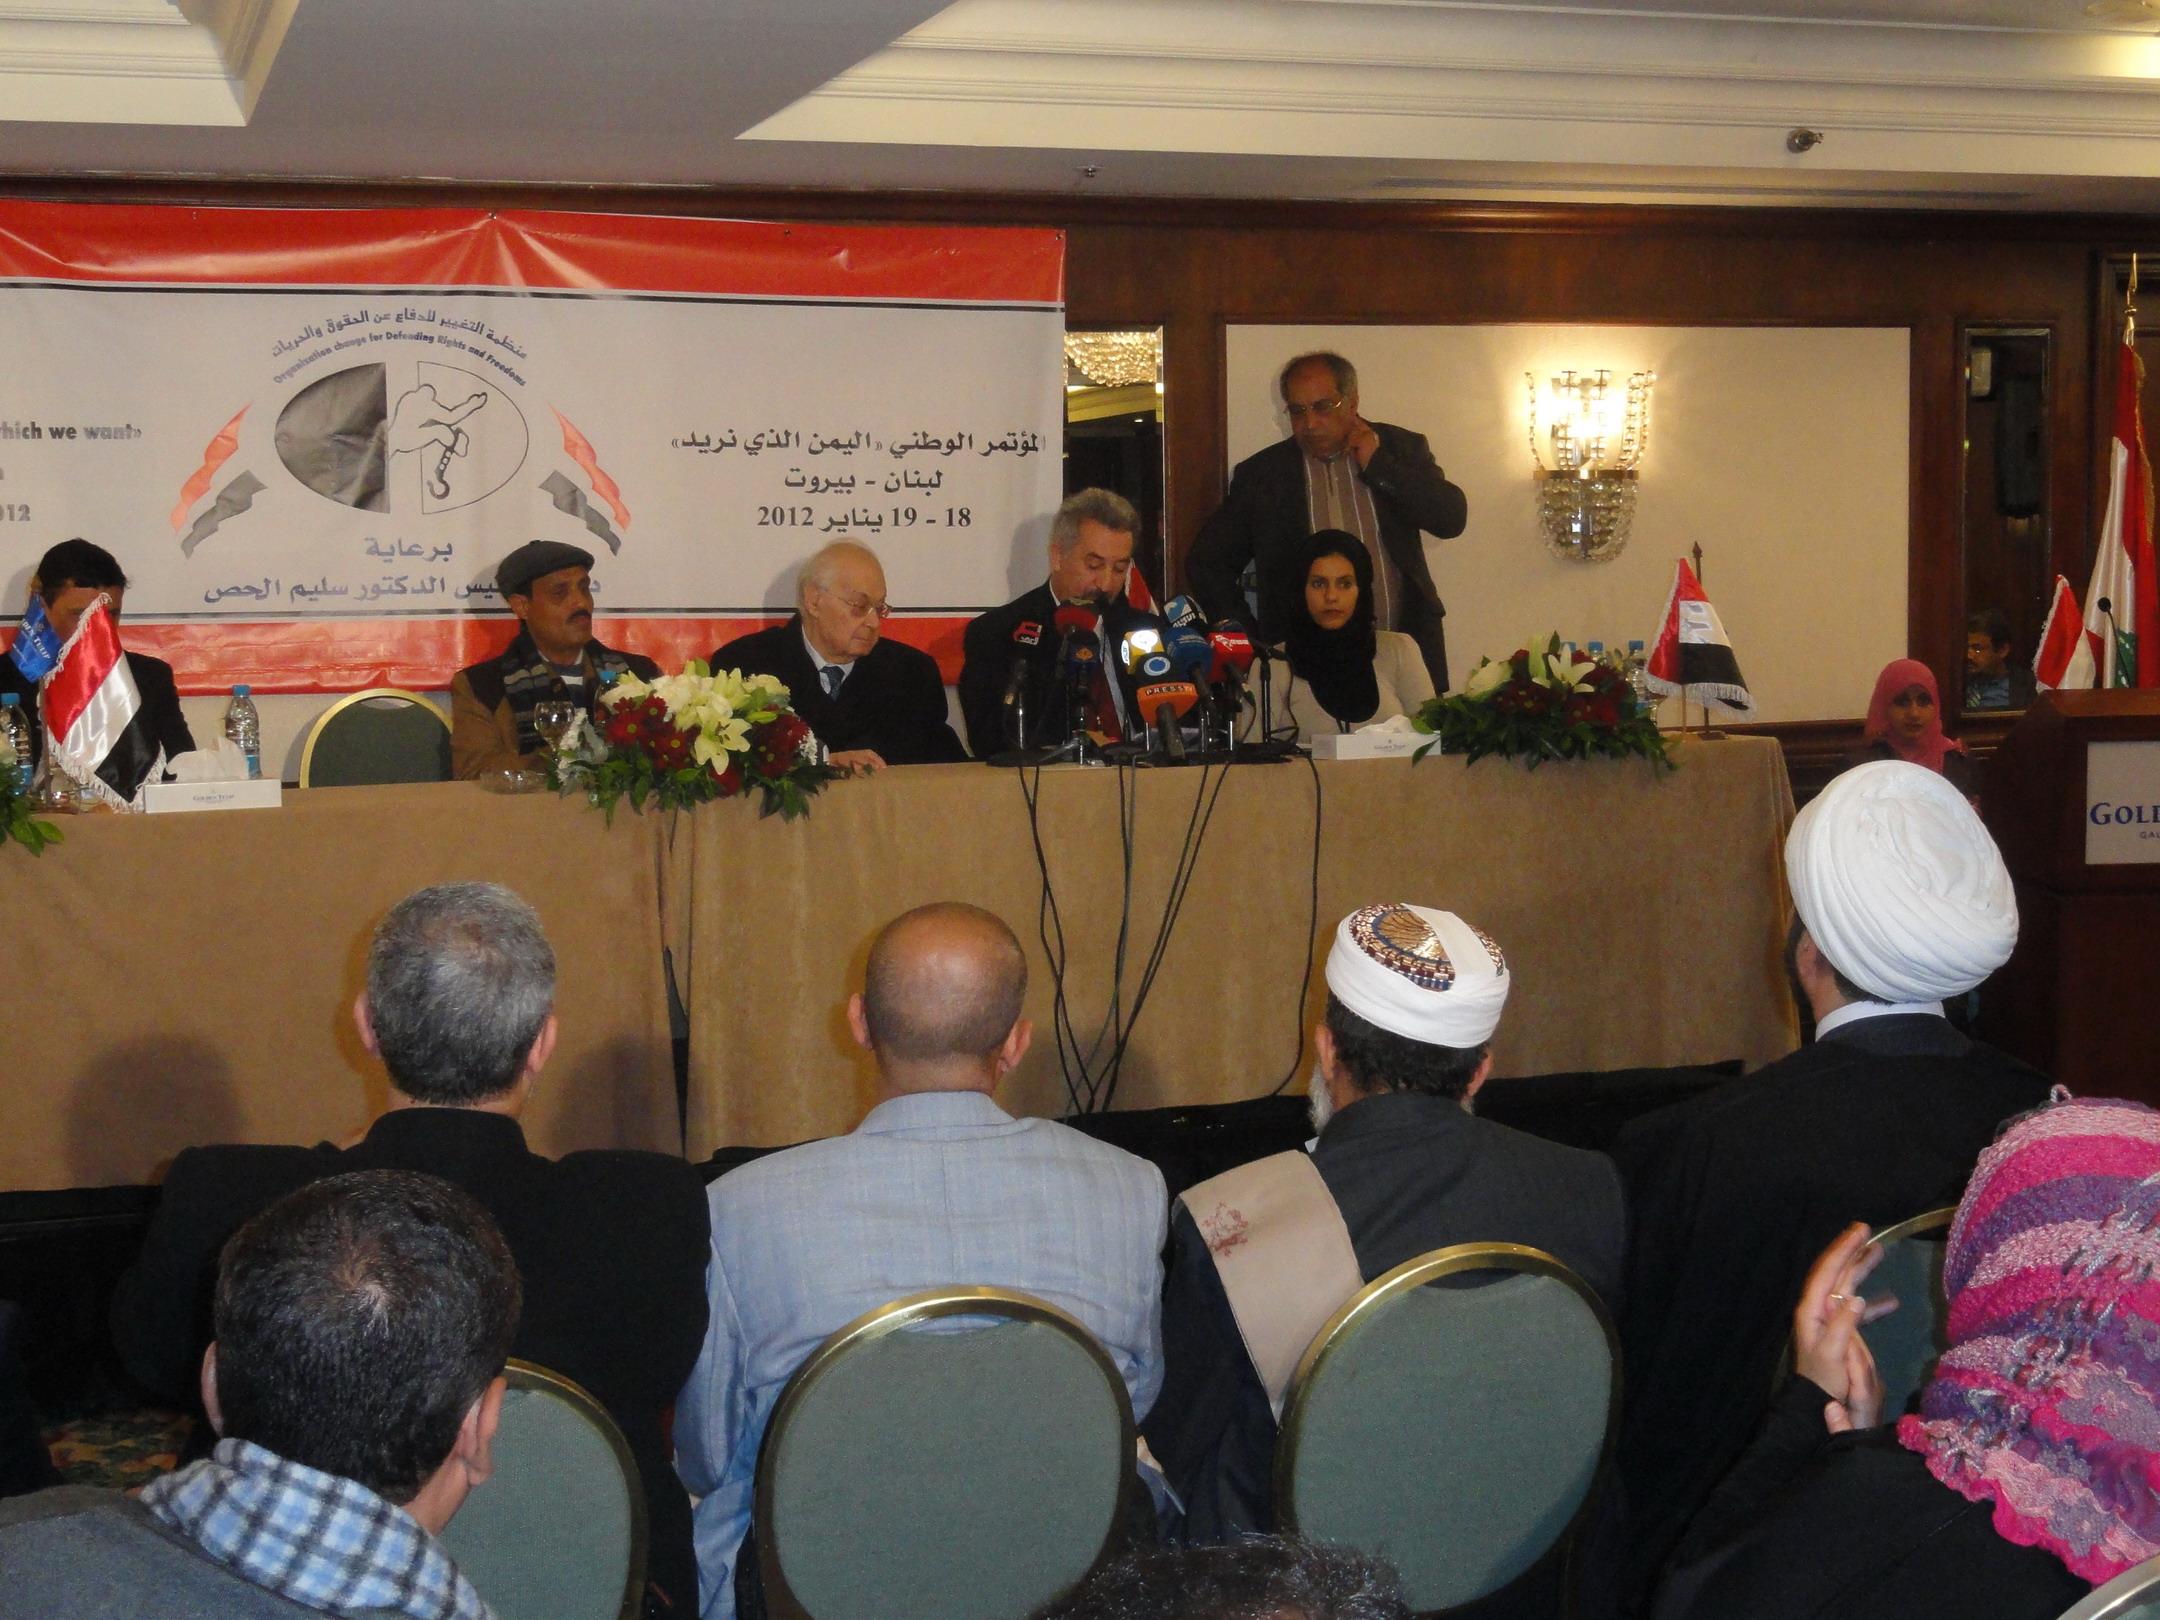 """كلمة الدكتور نظام عساف / مدير مركز عمان لدراسات حقوق الانسان في المؤتمر الوطني """"اليمن الذي نريد"""""""